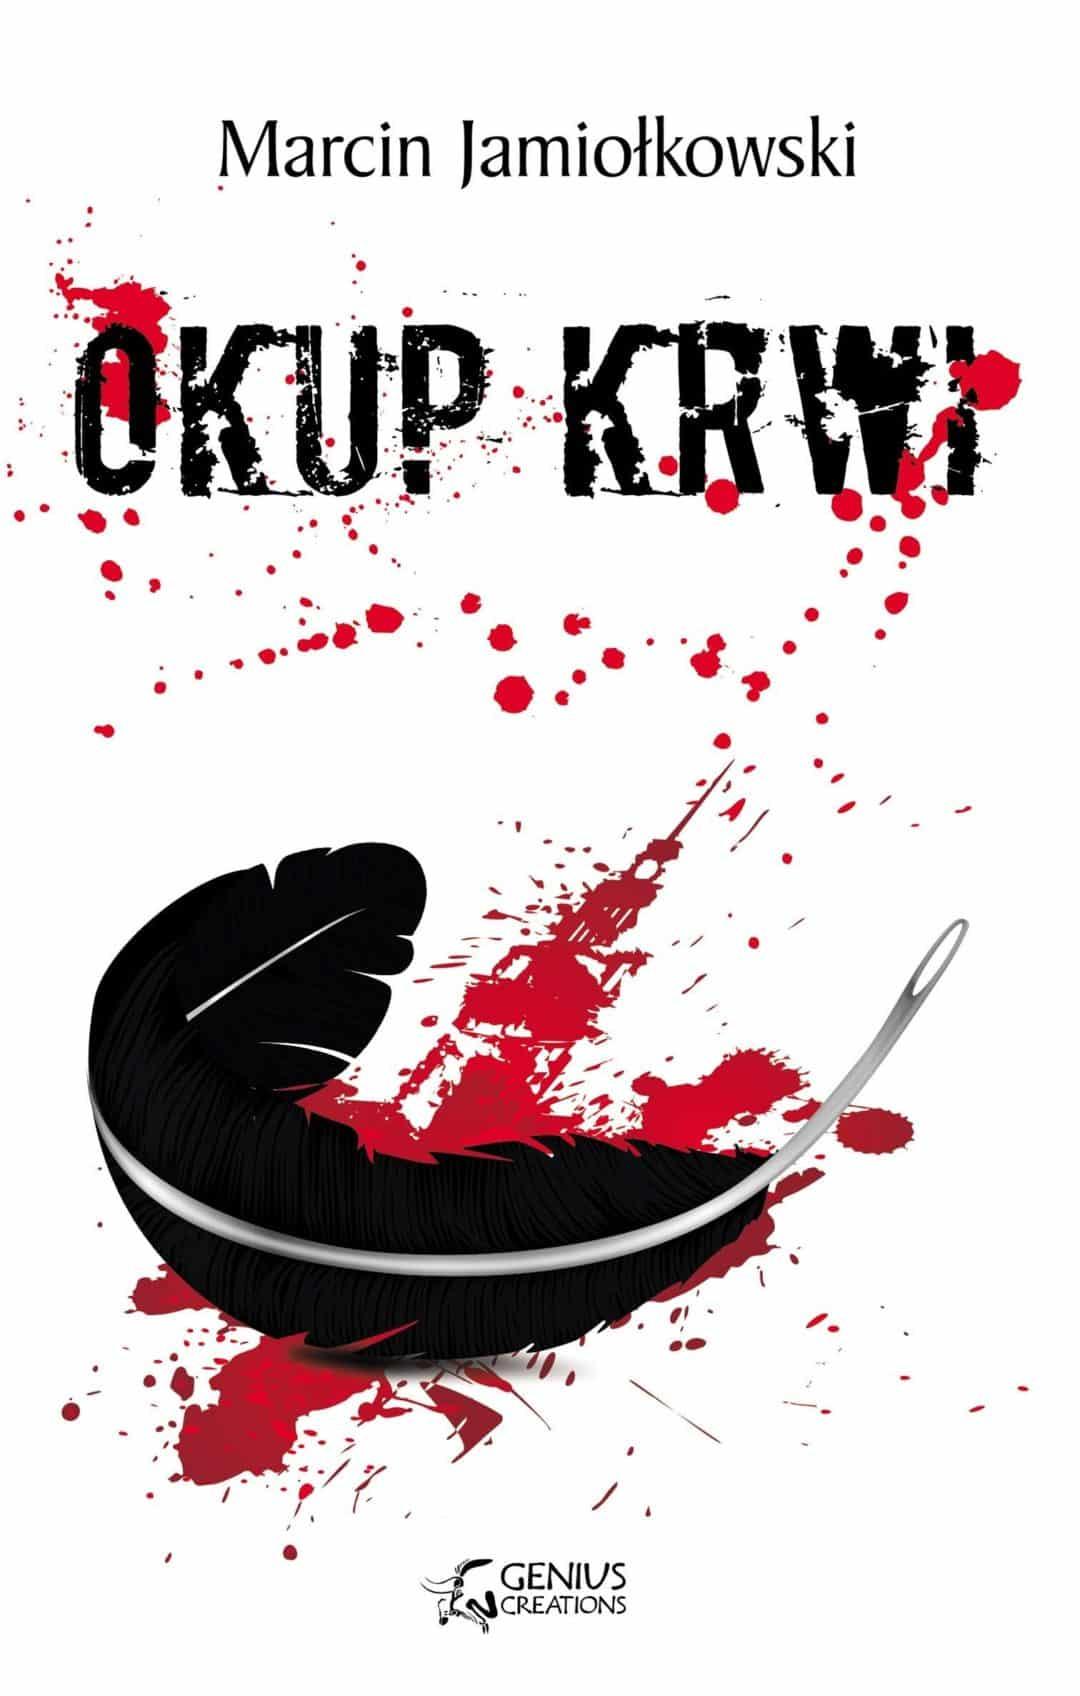 Okup krwi - Marcin Jamiołkowski